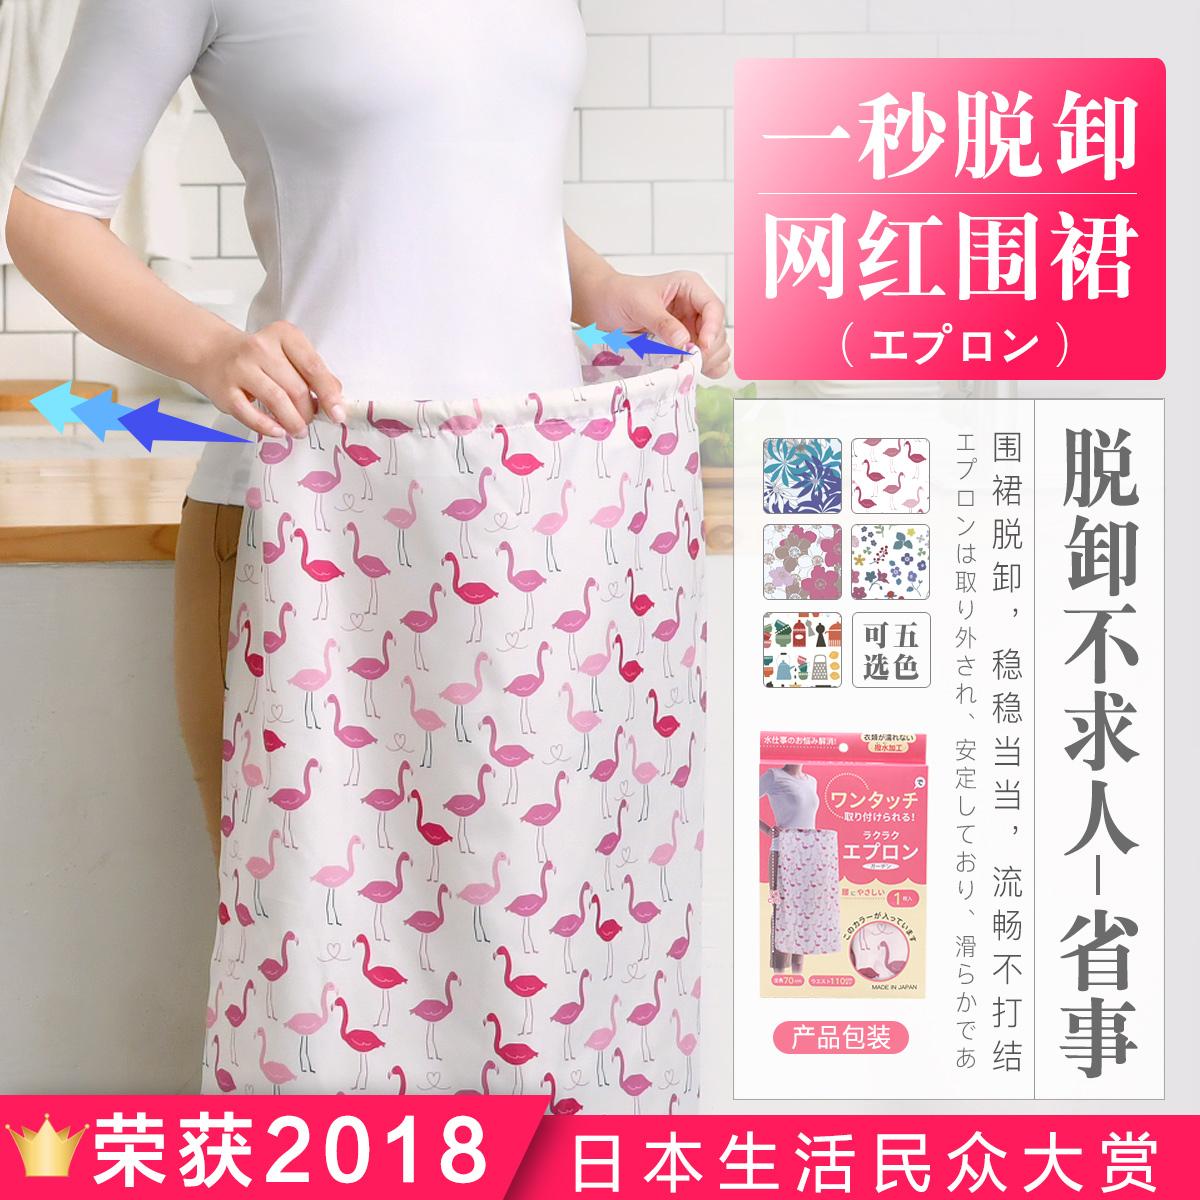 日本の輸入はネットの赤い長持ちするエプロンを脱いで、厨房のエプロンはスリーブをプレゼントします。